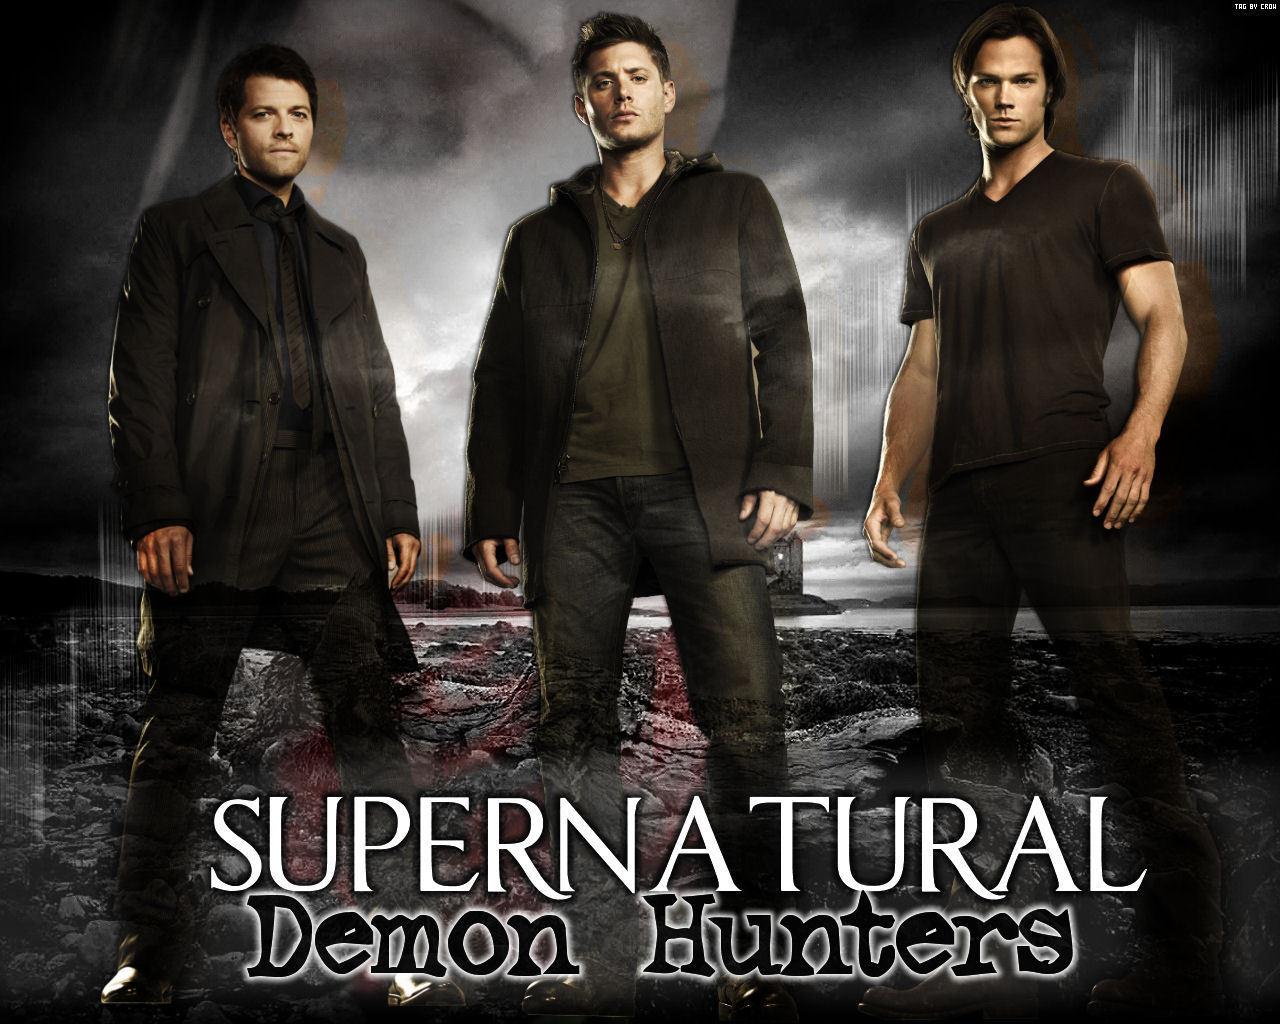 Demon-Hunters-supernatural-20888316-1280-1024.jpg